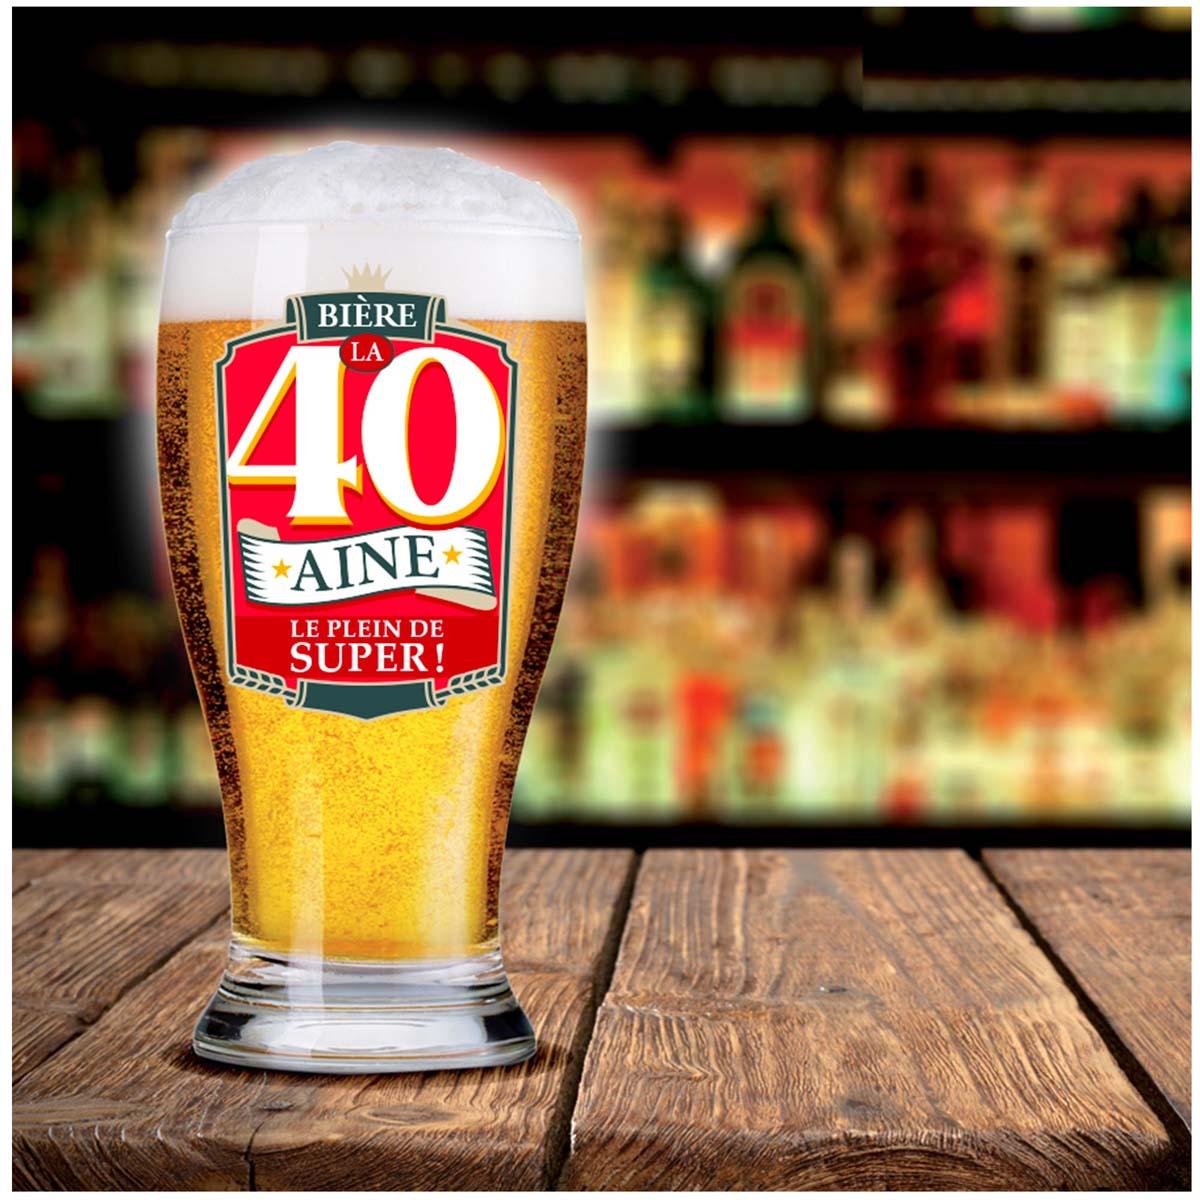 Verre à bière \'40 ans\' (Le plein de super !)  - 16x8 cm - [P8544]